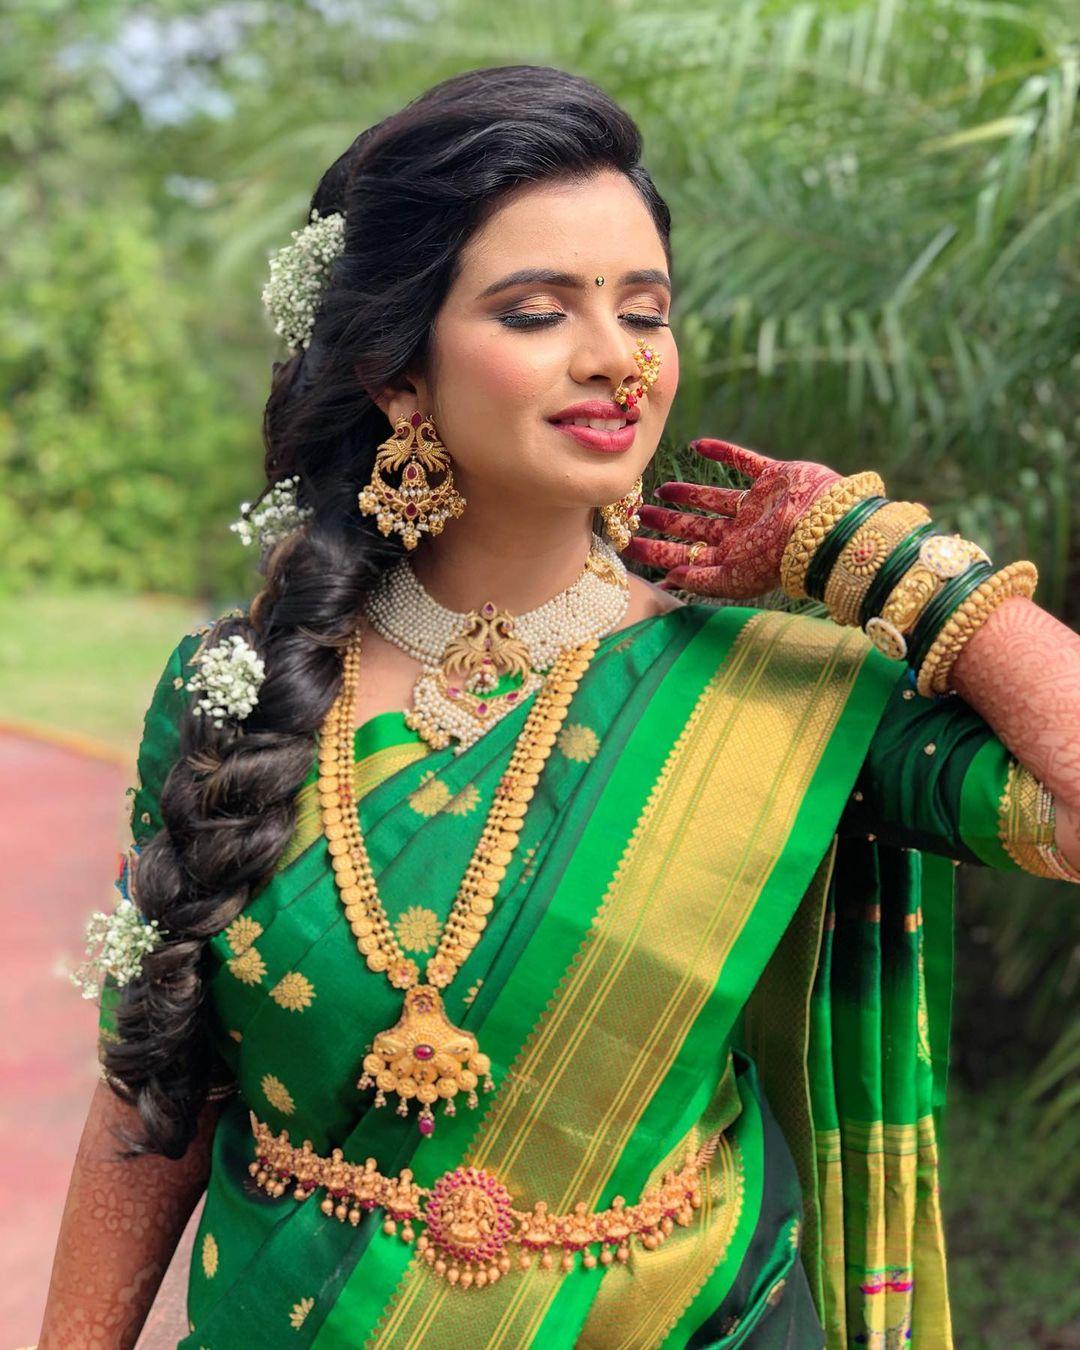 Royal Green Nauvari Sareen Marathi Bride Pune Mumbai -Makeup By Tejaswini Makeup Artist